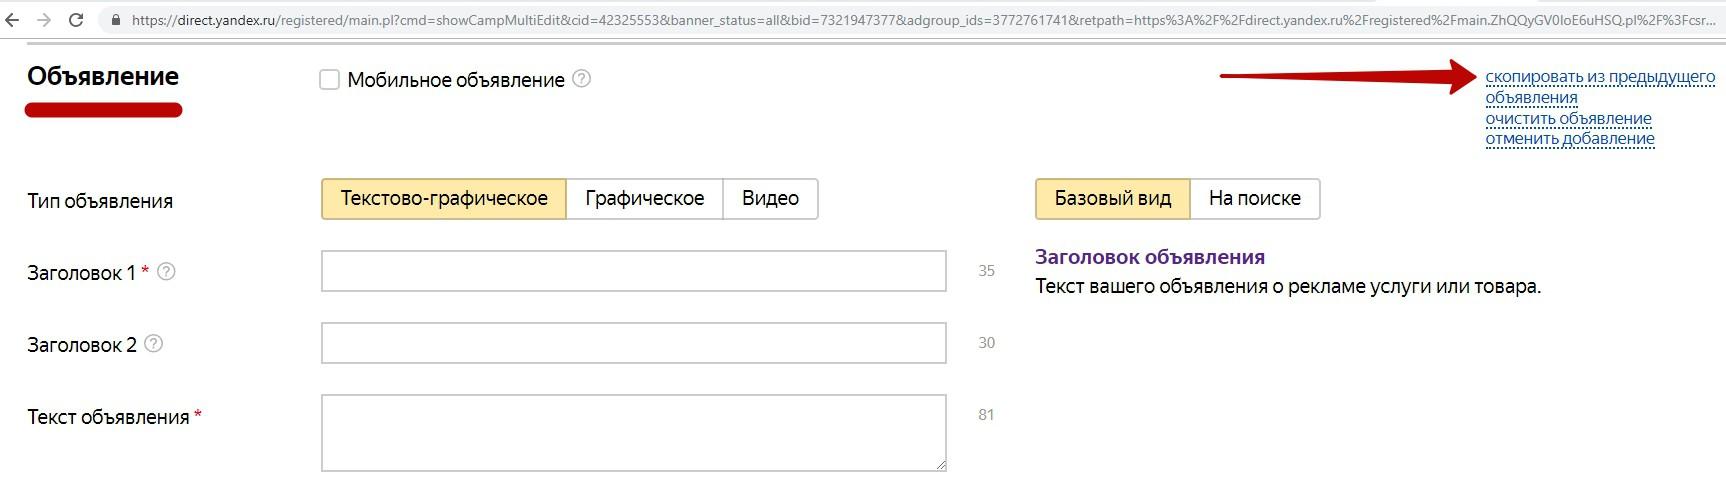 Реклама на поиске Яндекса – копирование из предыдущего объявления